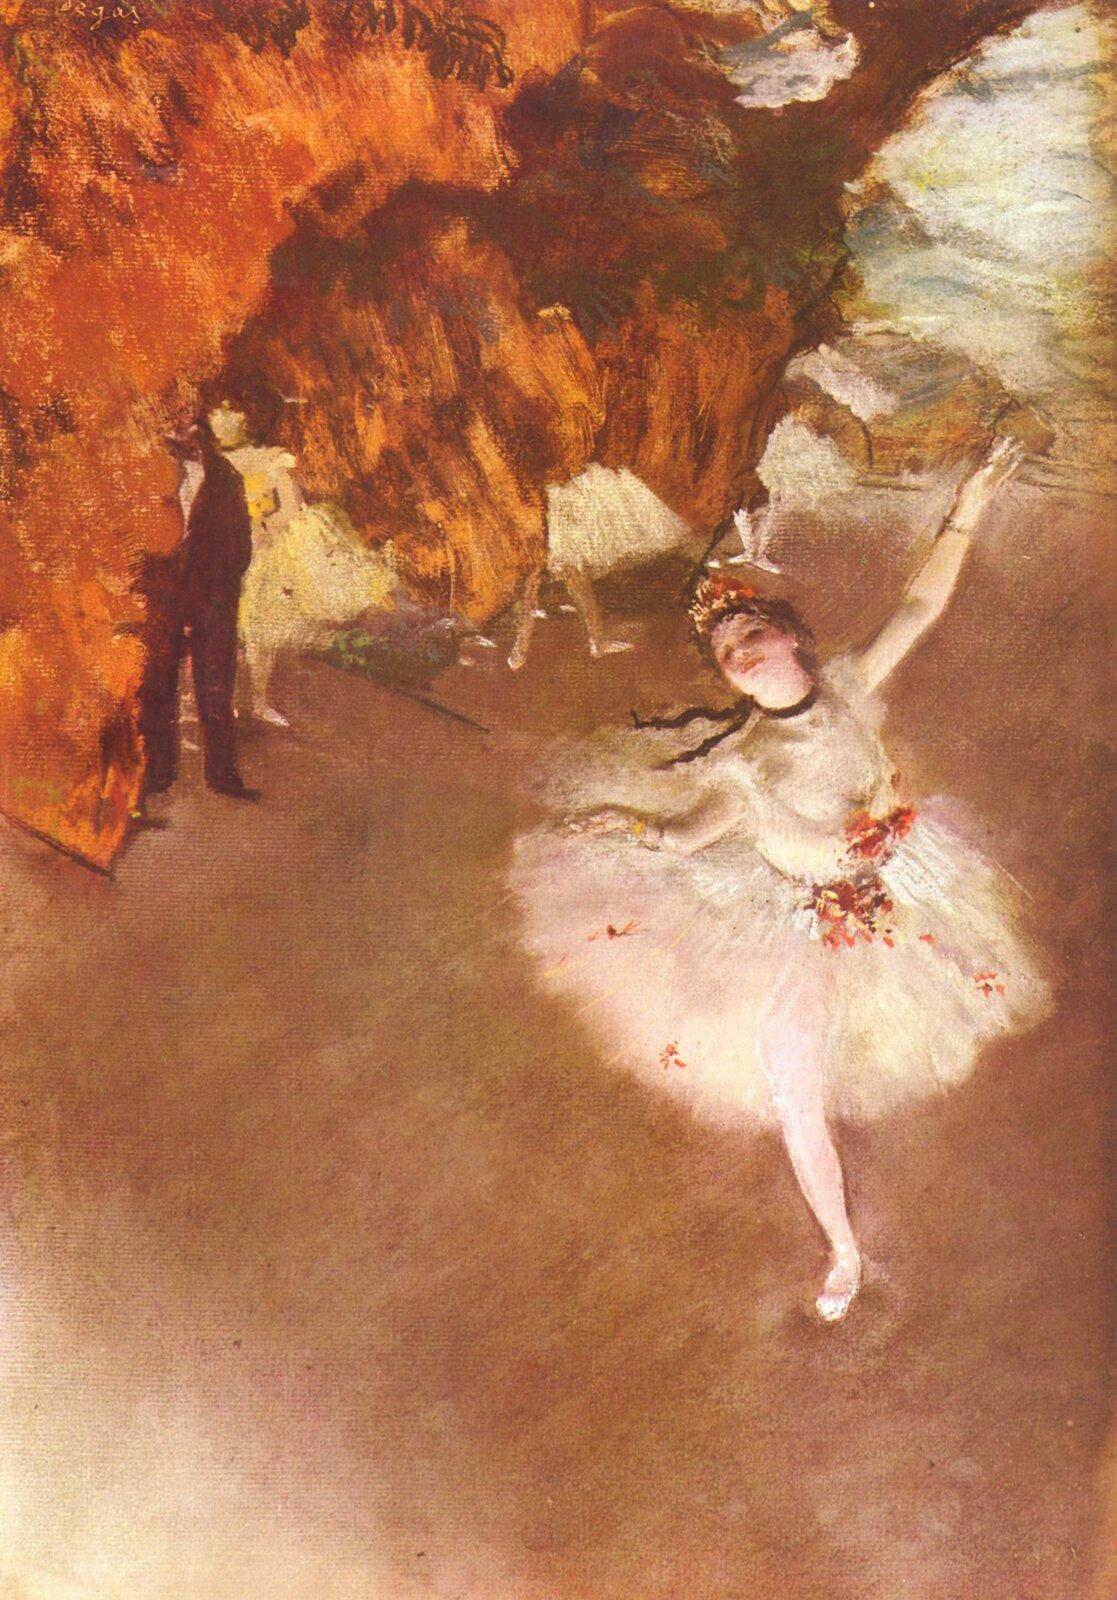 """Ilustracja przedstawia obraz Edgara Degasa """"Primabalerina"""". Ukazuje baletnicę podczas występu na scenie, znajduje się ona na pierwszym planie. Wtle stoją pozostałe tancerki, jednak są one rozmyte. Scena ujęta jest zgóry. Tło, na które składają się inne tancerki za kulisy jest mniej wyraźne."""